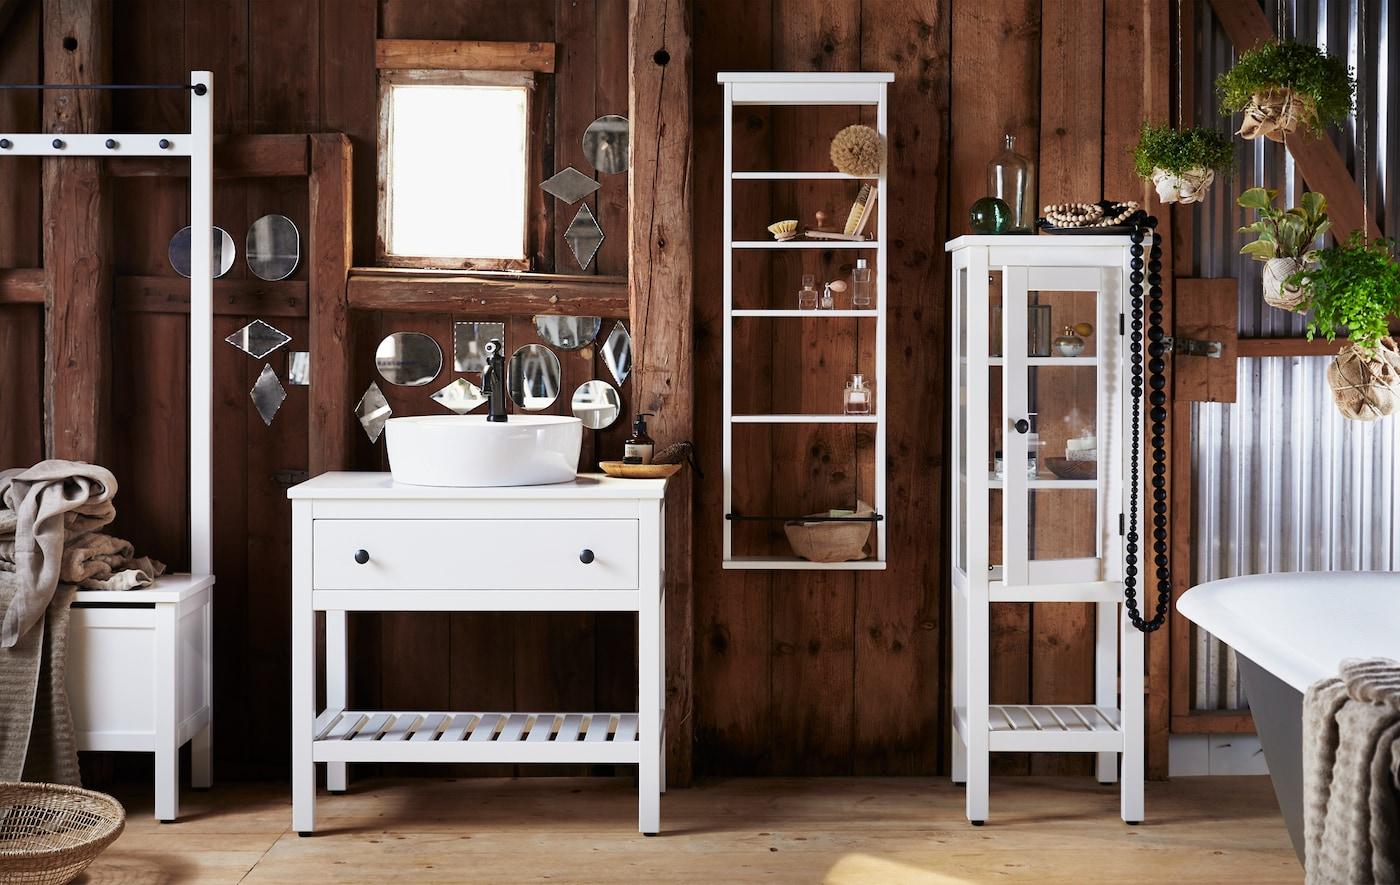 Comment concevoir sa salle de bain - IKEA